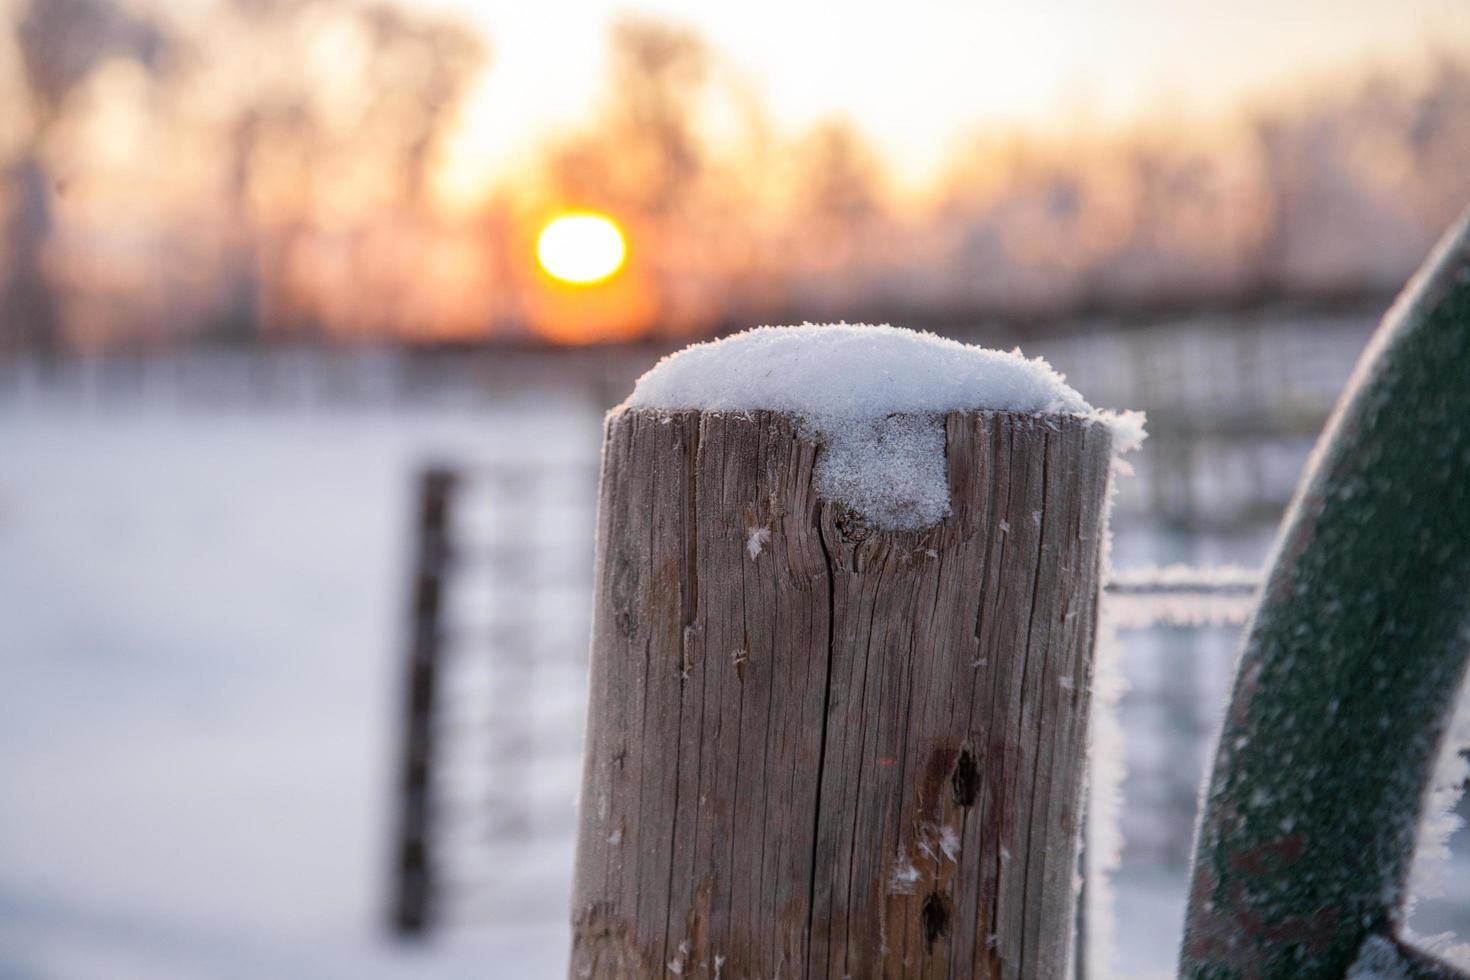 sneeuw op een paal bij zonsopgang foto